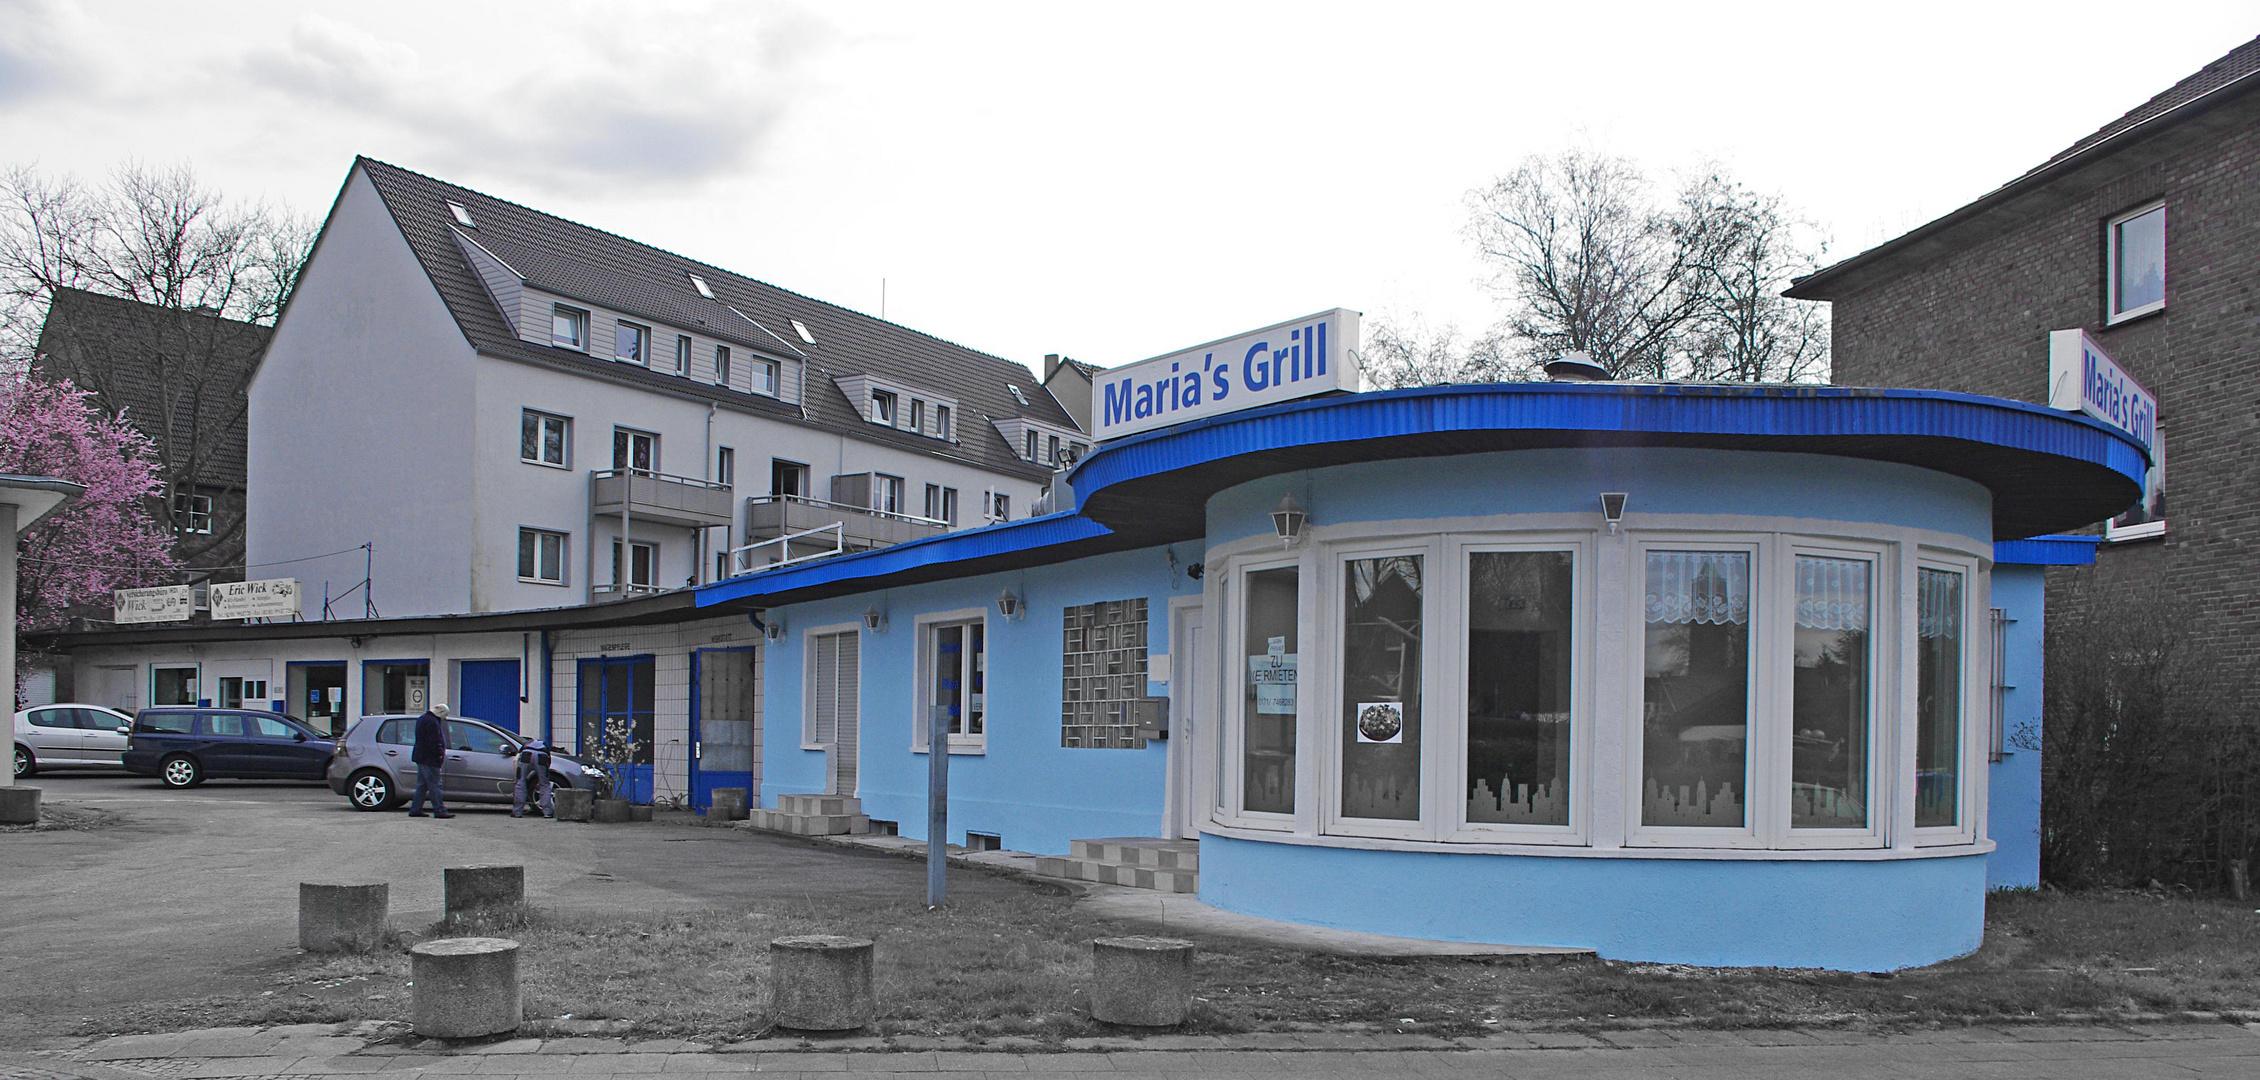 querbeet Oberhausen # 6